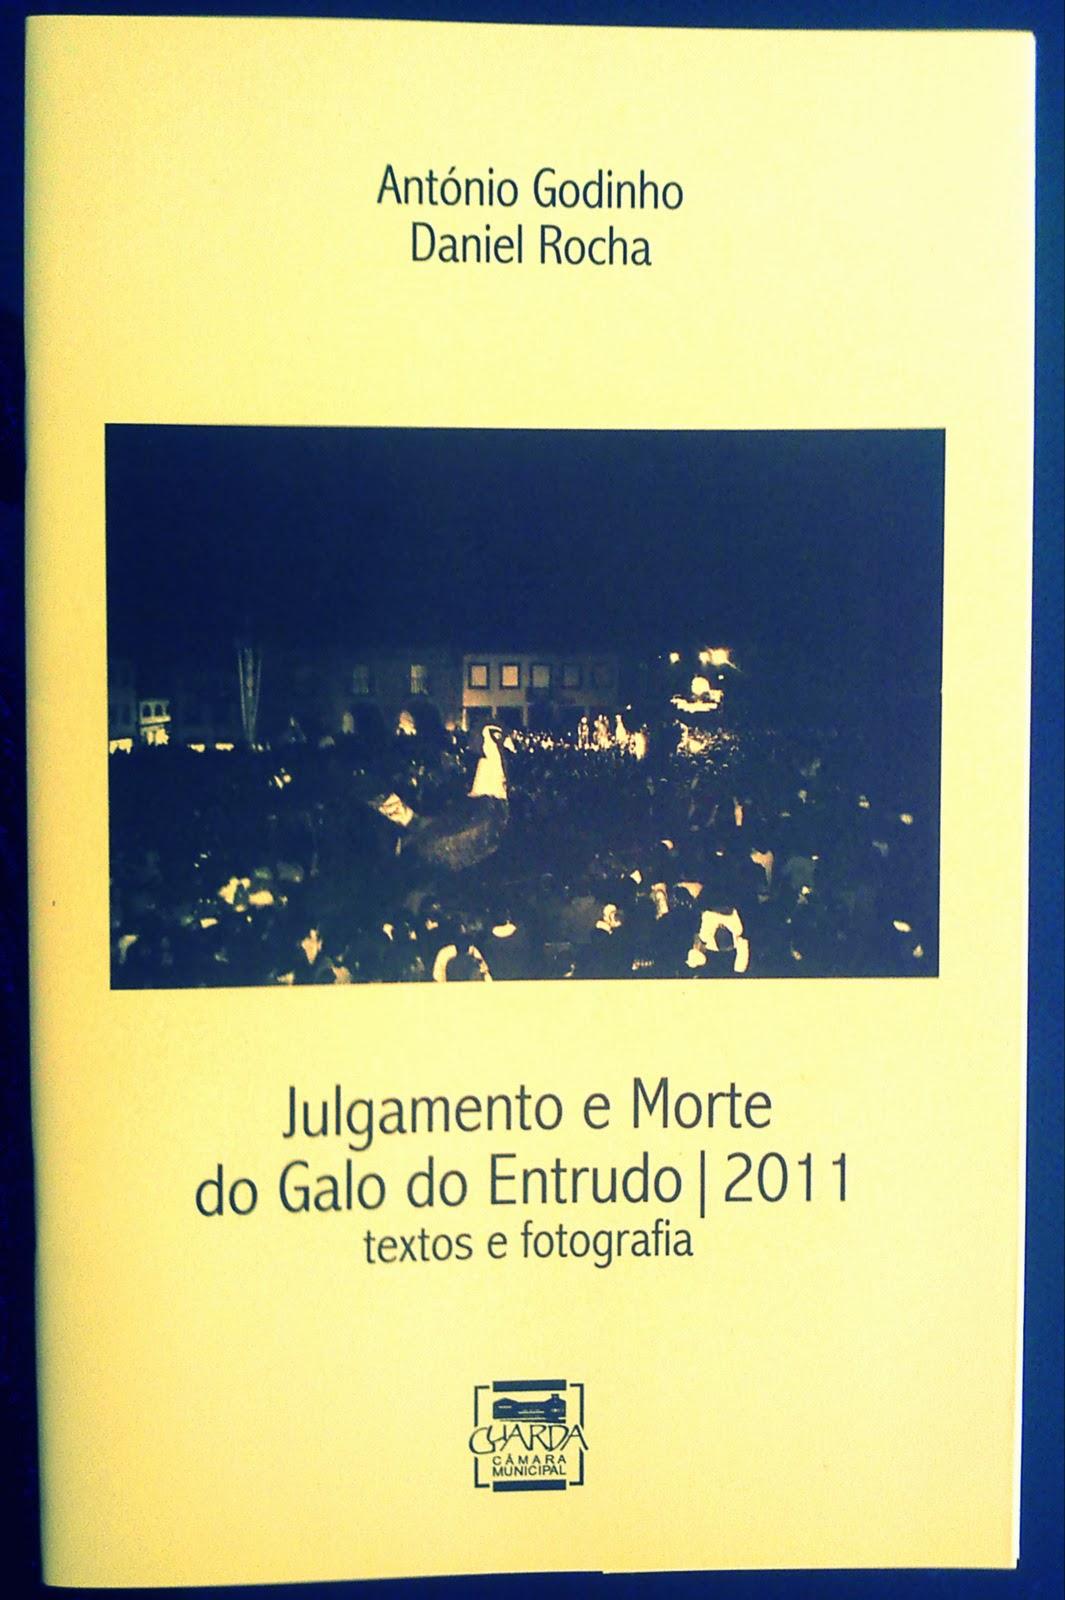 Julgamento e Morte do Galo do Entrudo 2011